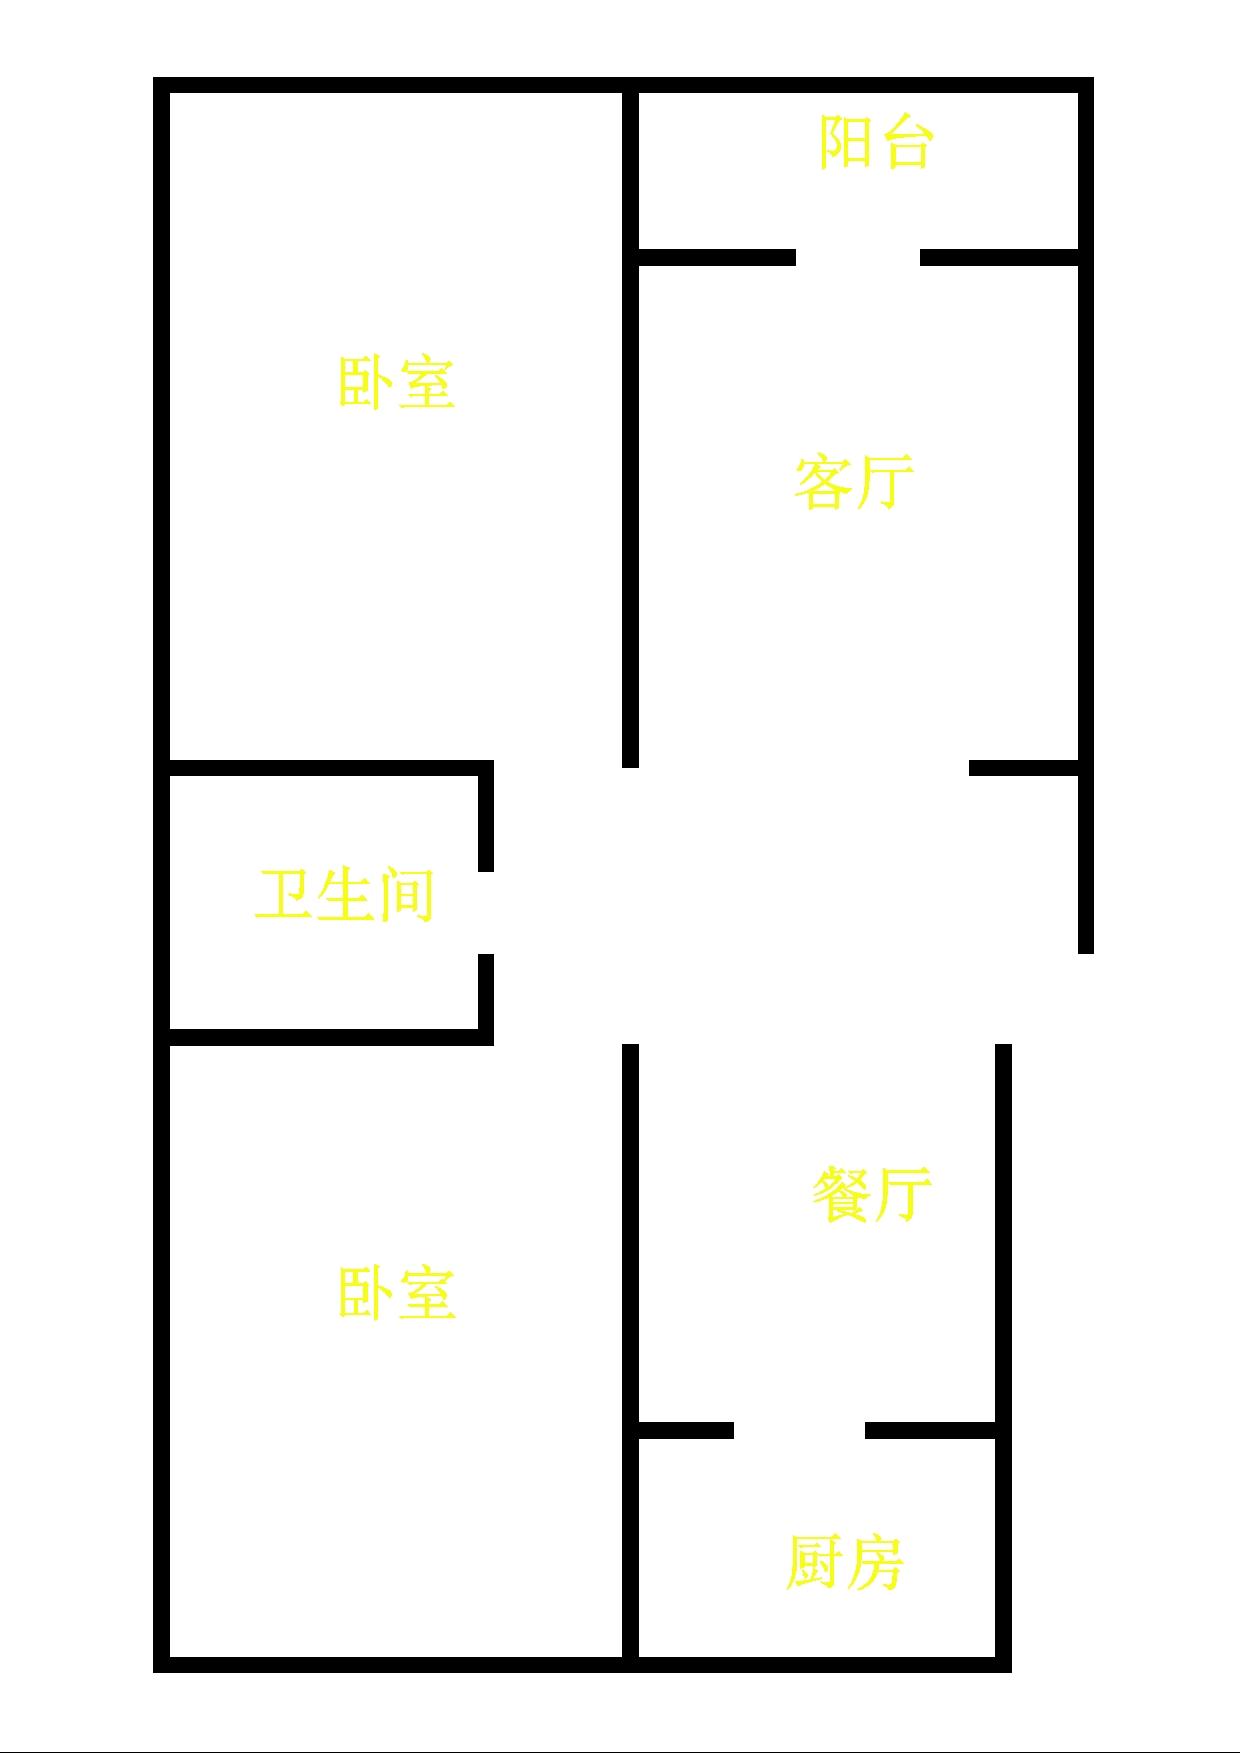 新华路住宅小区东区 2室2厅 双证齐全 精装 110万